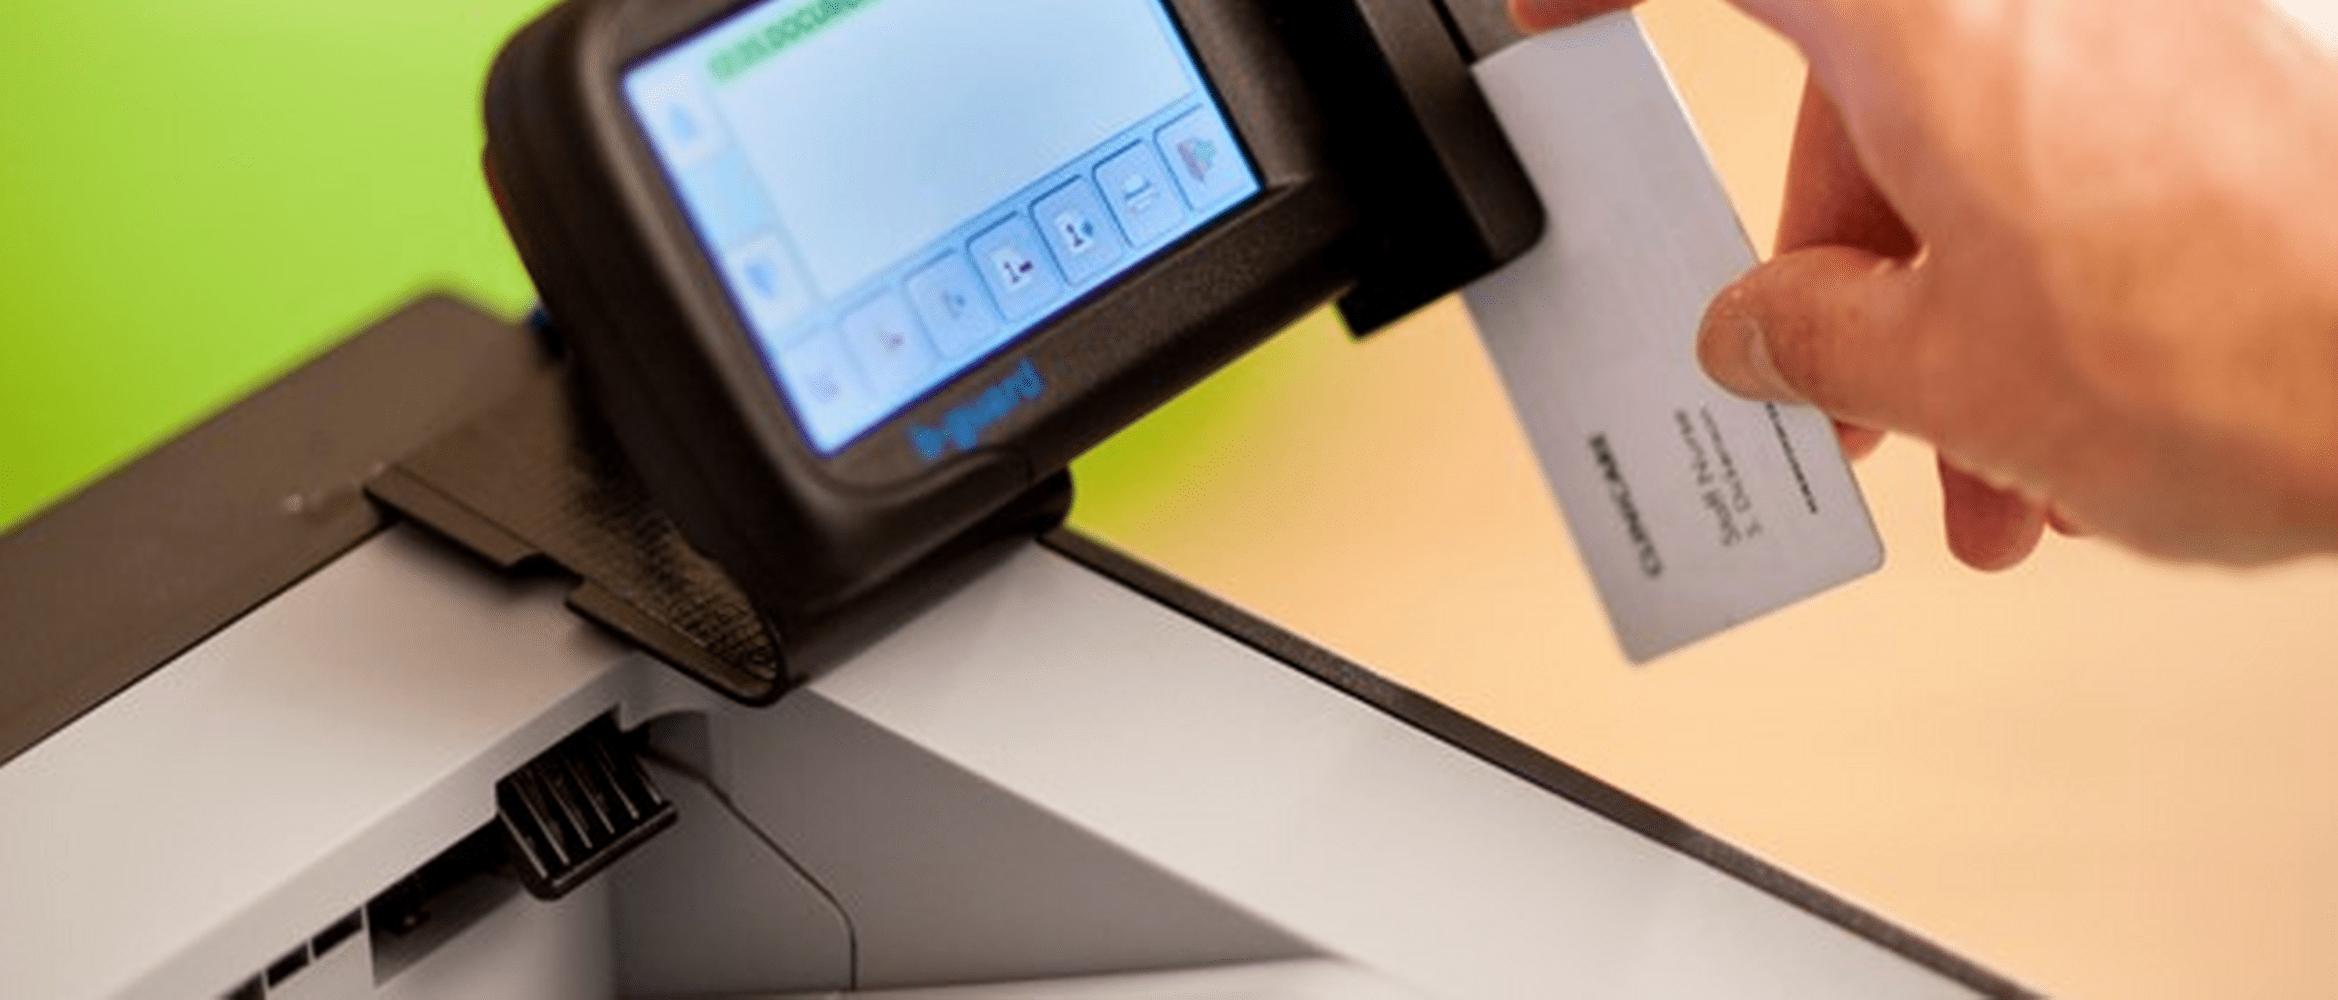 Kancelářská tiskárna HL-S7000DN používá bezpečnostní řešení bguard čtečky ID karty